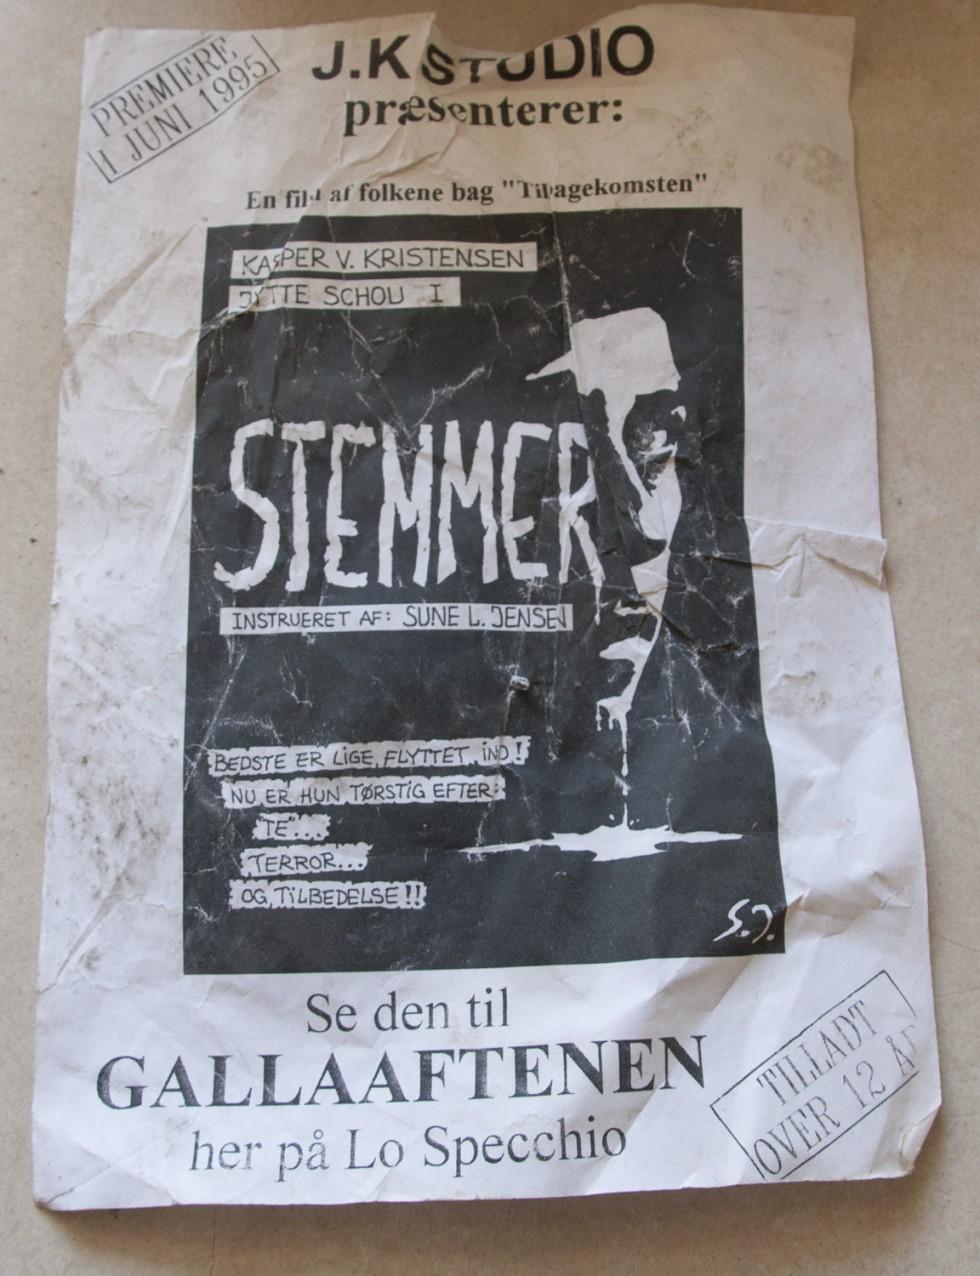 En tidlig plakat for amatørspillefilmen Stemmer som vi lavede i 1994-1995, tegnet af Sune Lind Jensen.